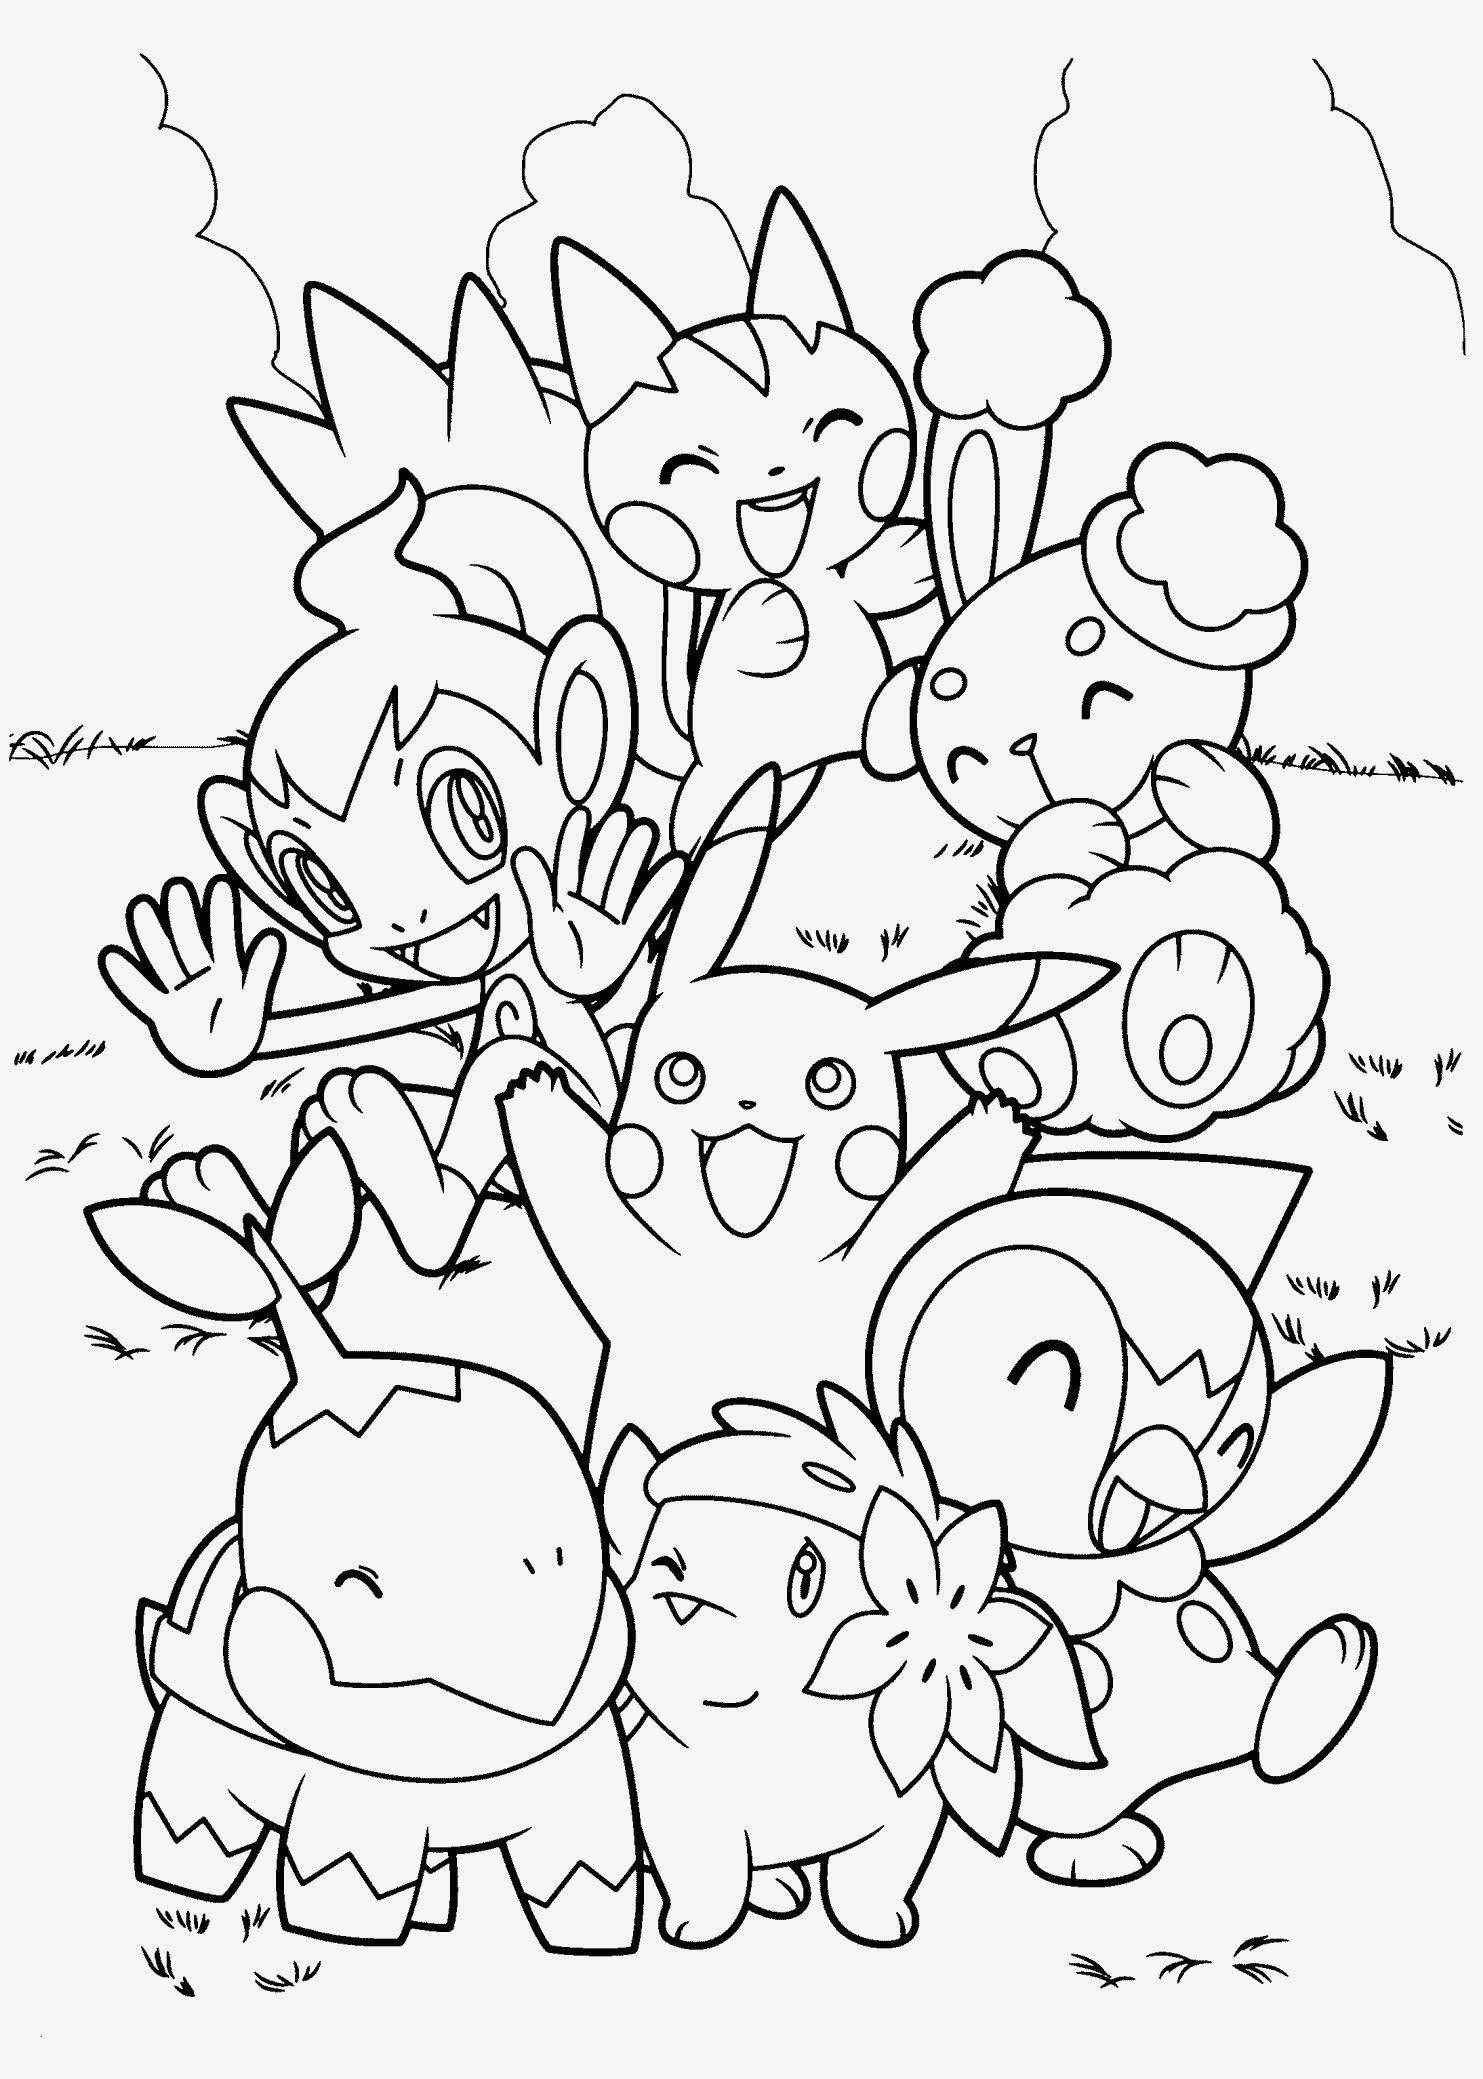 Pokemon sonne Und Mond Ausmalbilder Einzigartig Pokemon Farbe Wunderbar 37 Ausmalbilder Pokemon Scoredatscore Stock